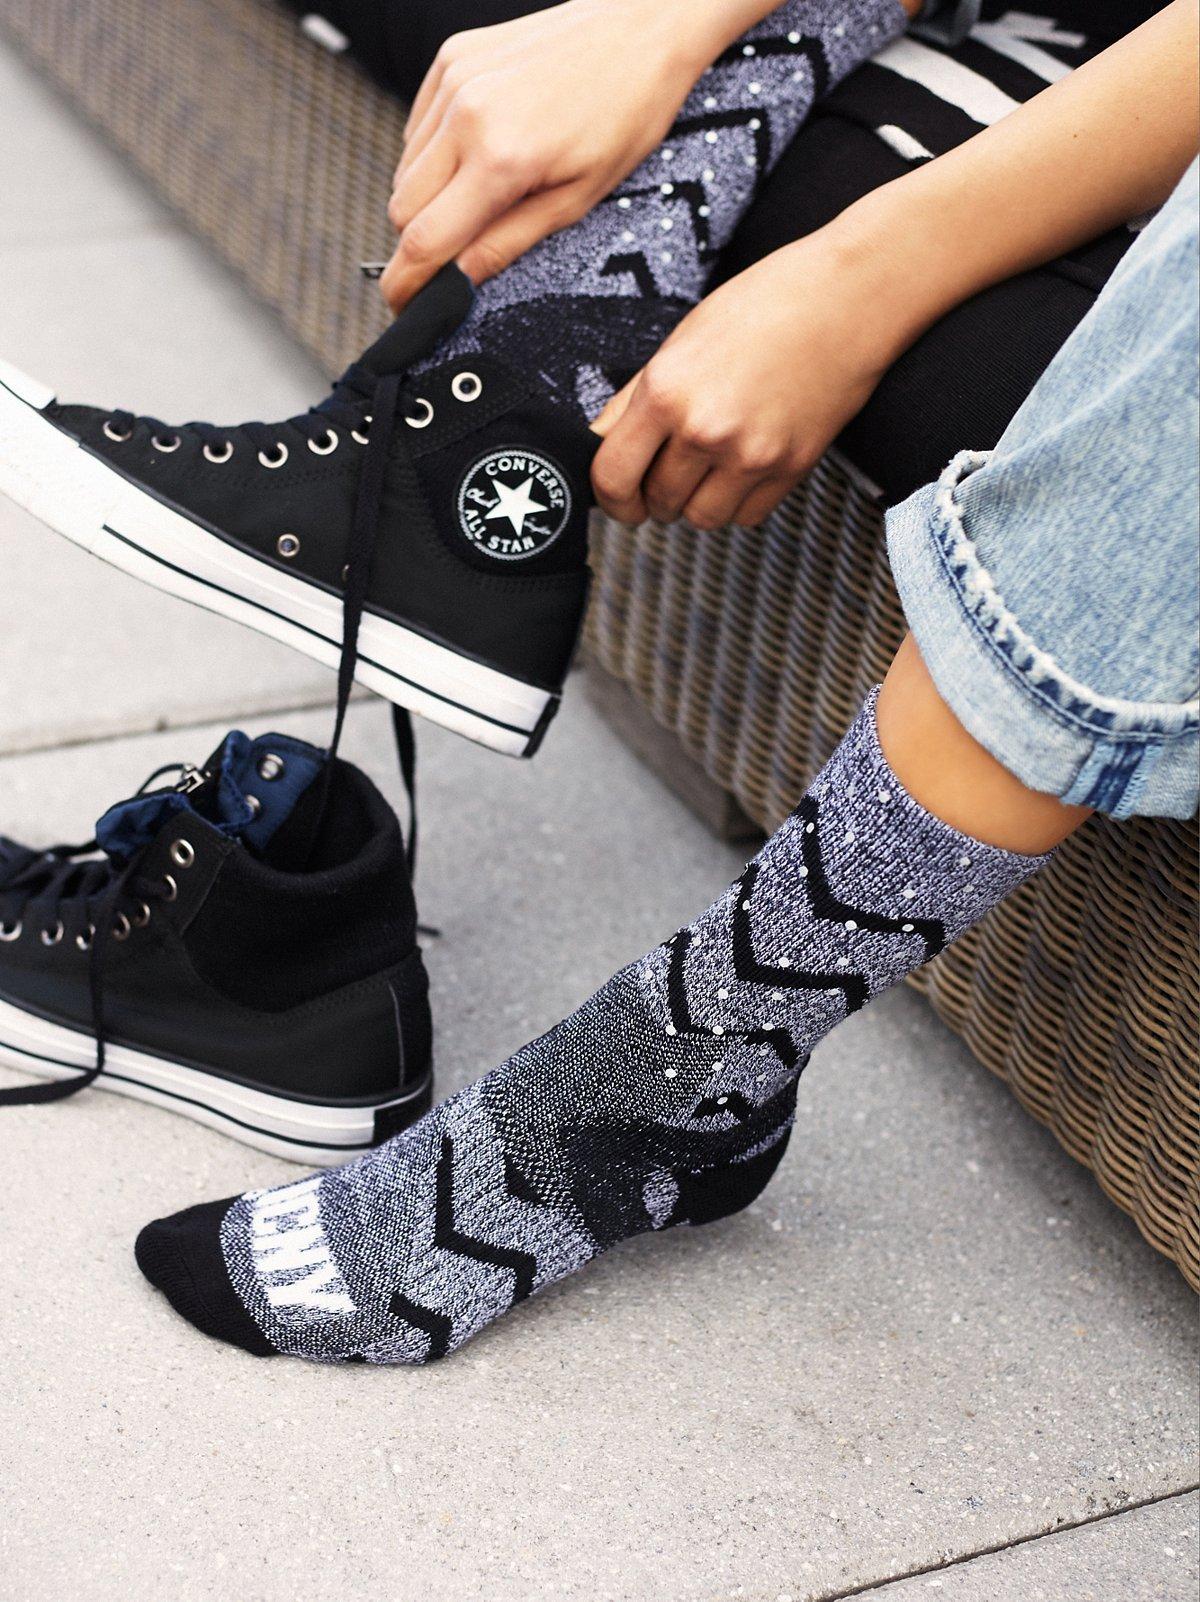 锯齿纹反光袜子